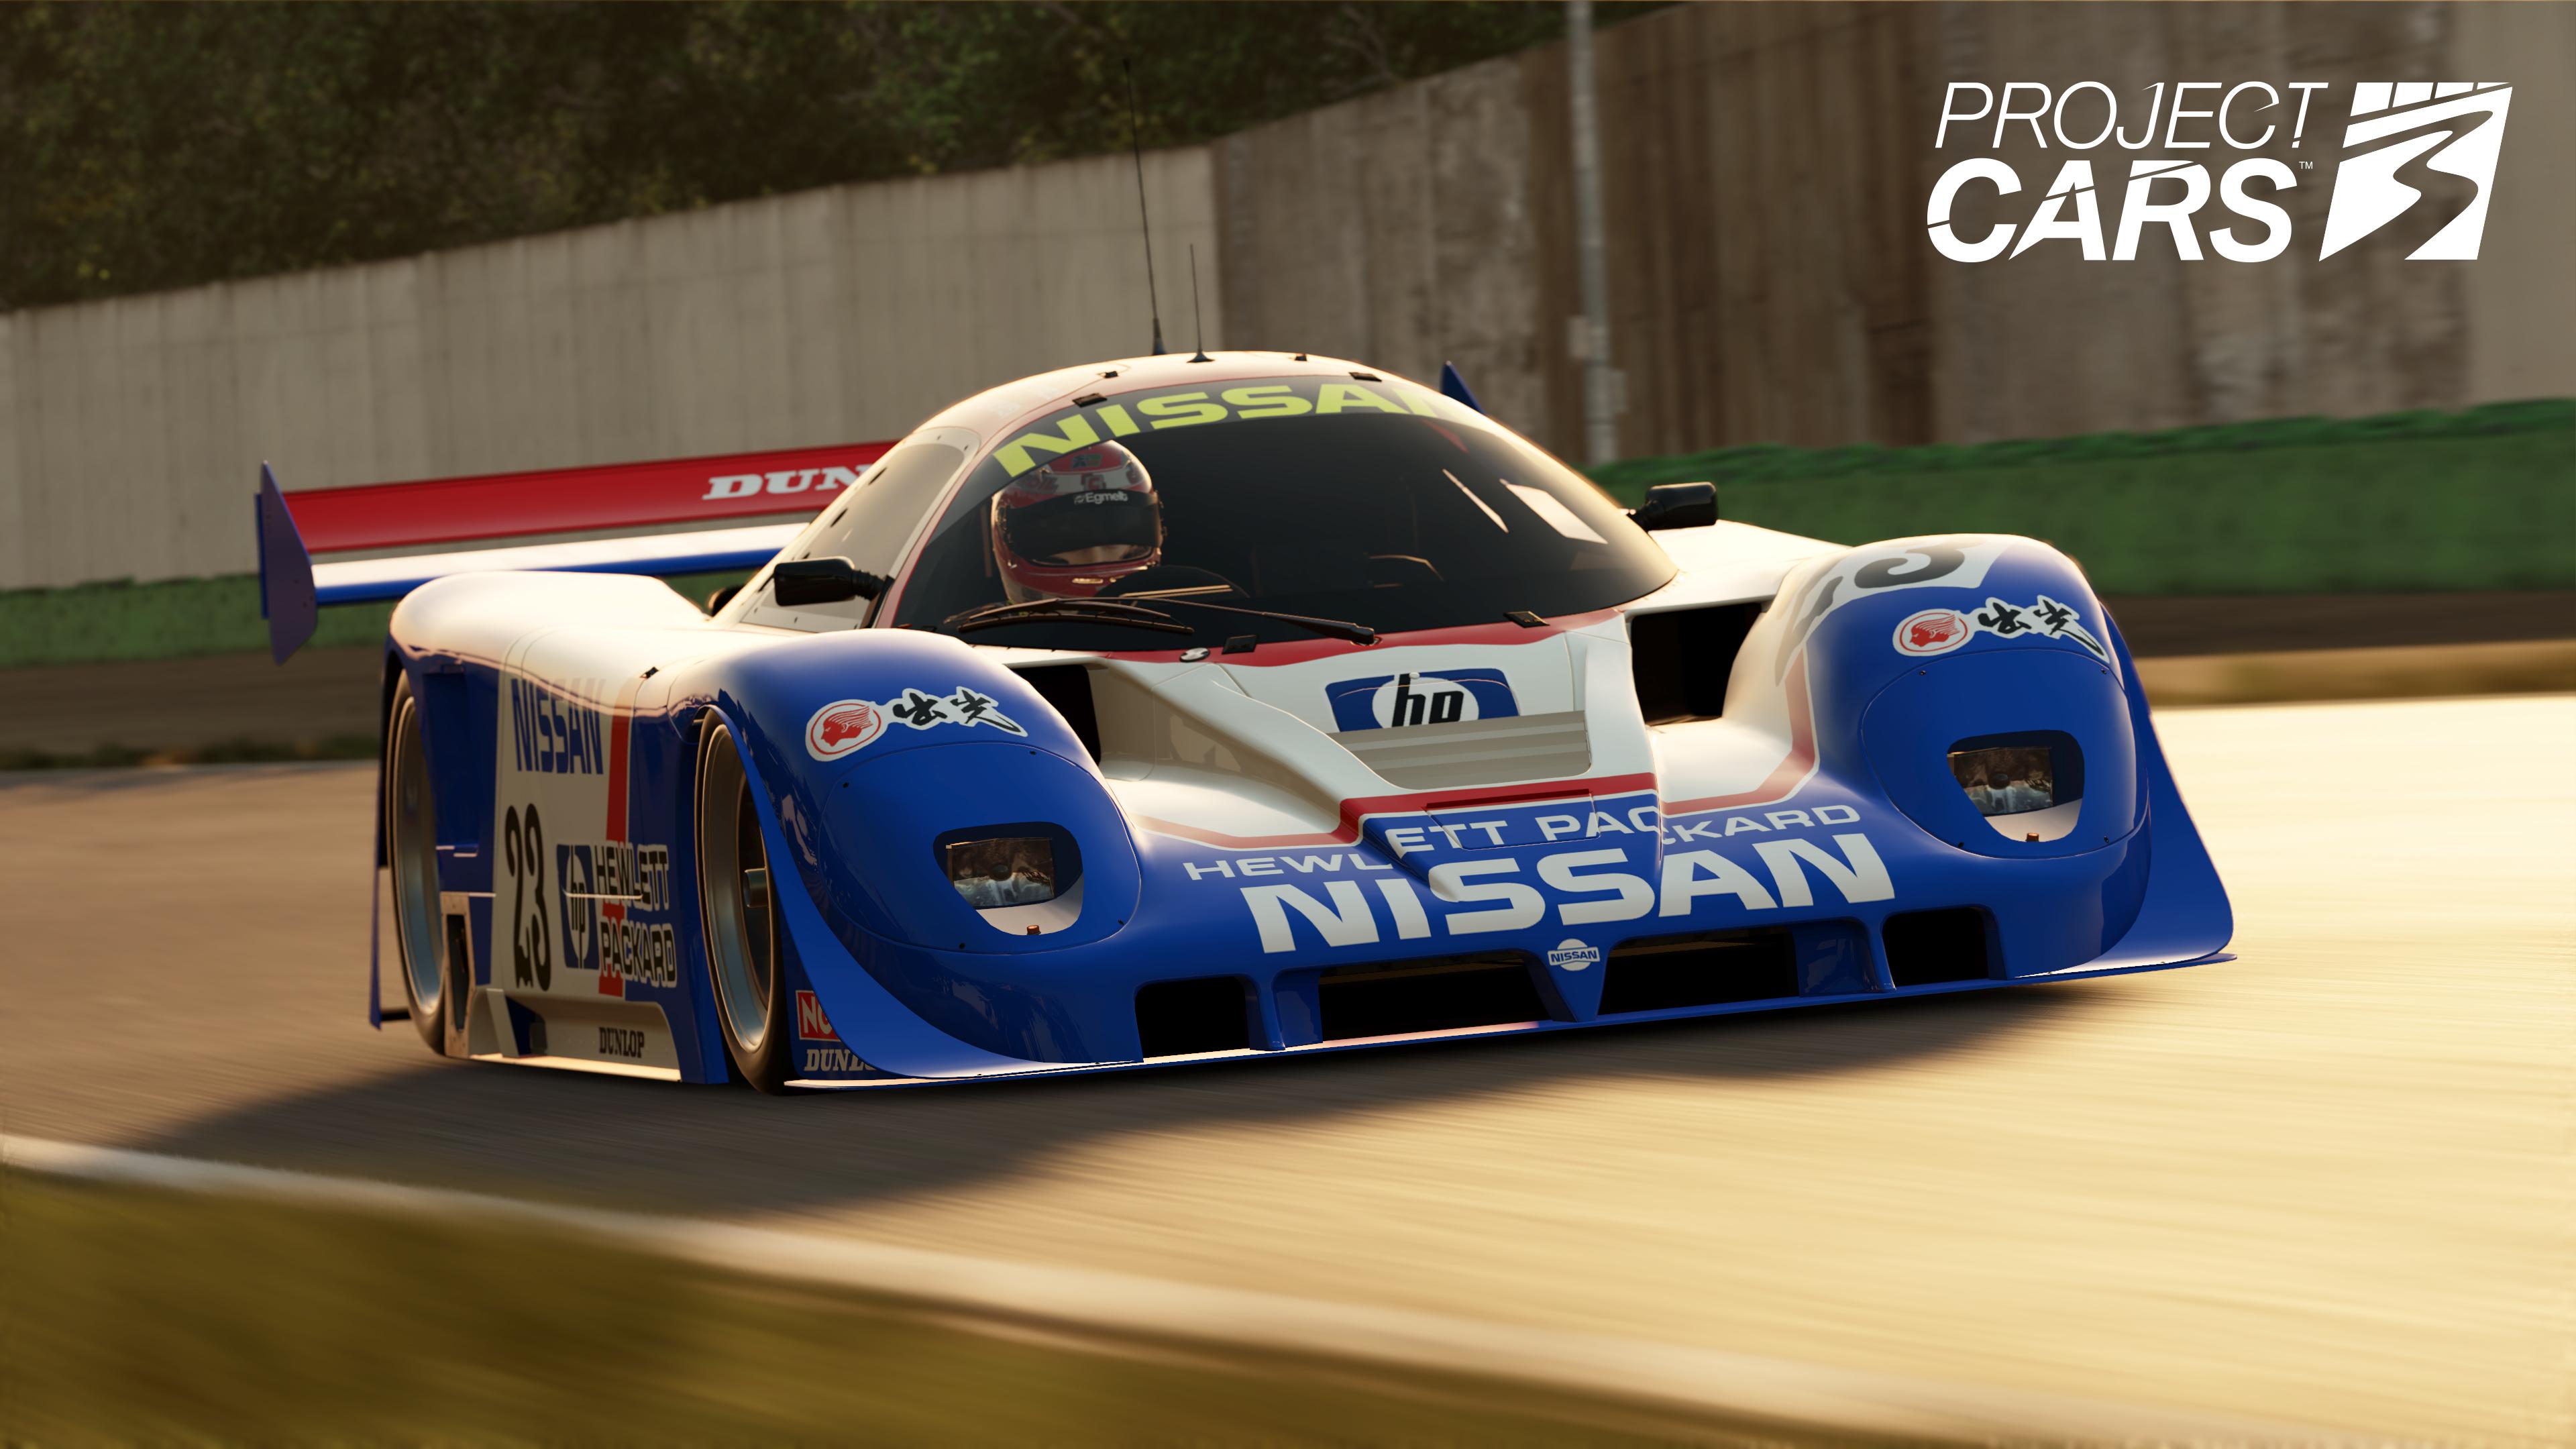 Project CARS 3 Car List 2.jpg